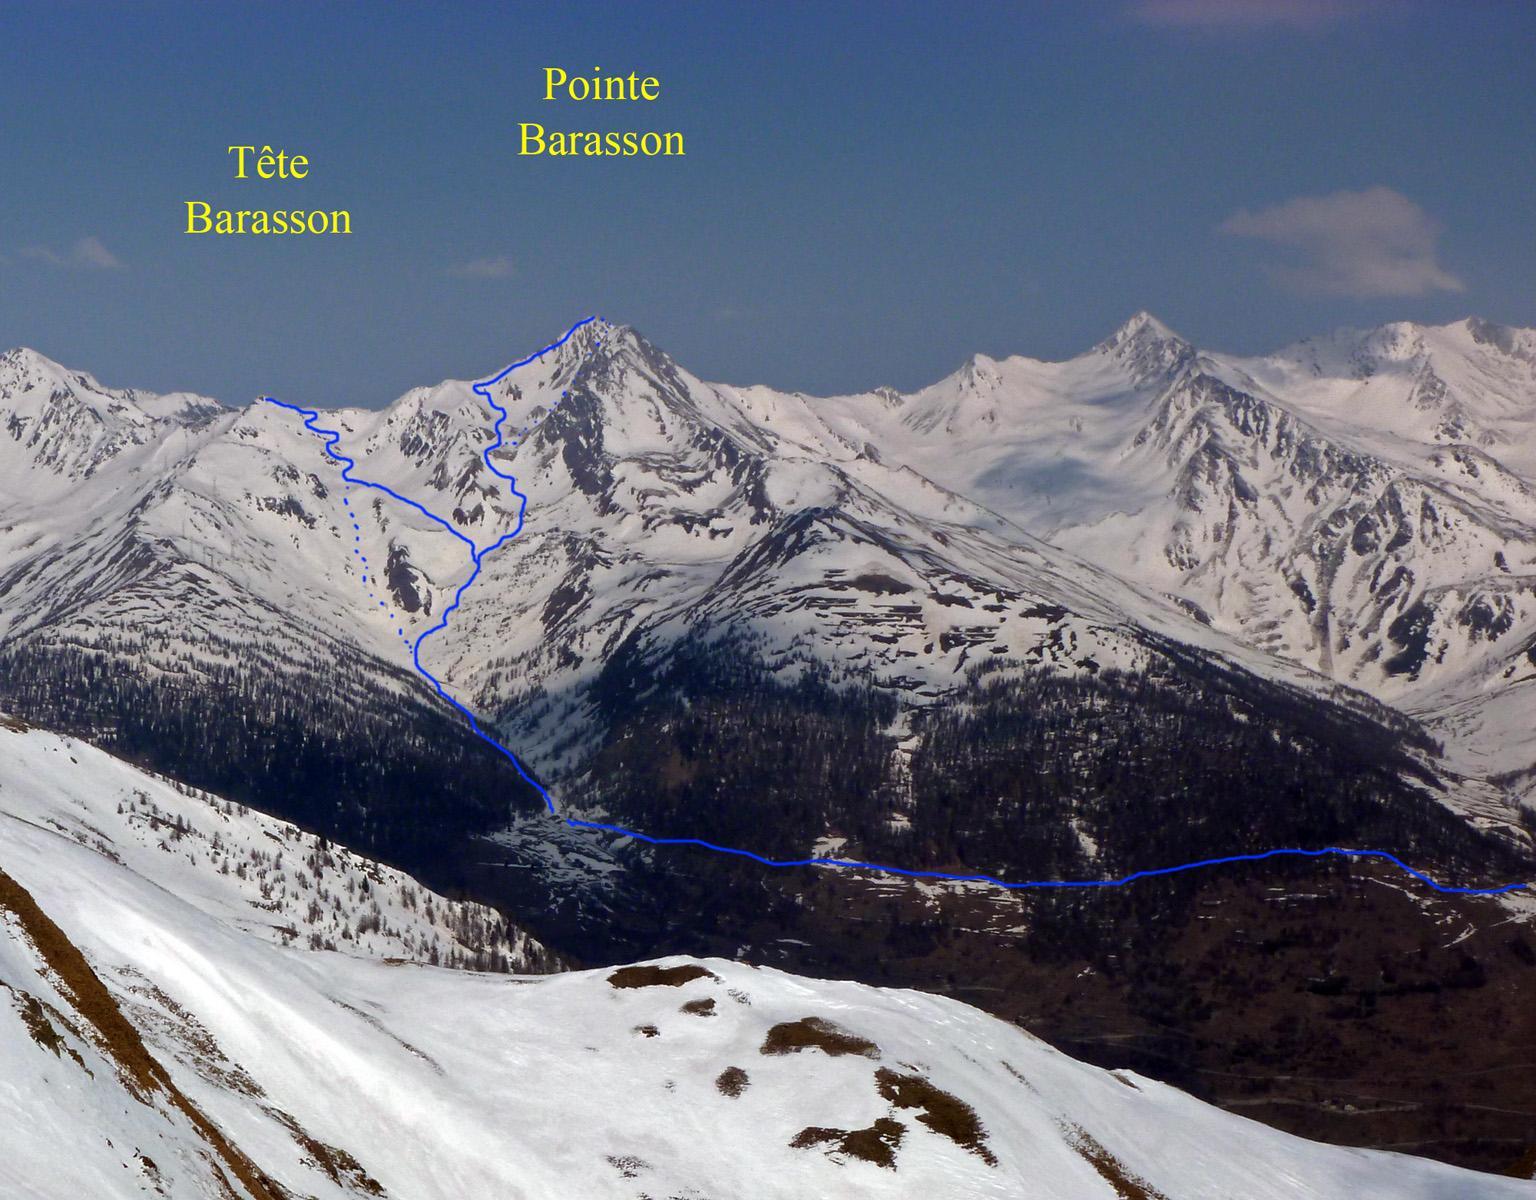 Tête e Pointe de Barasson, viste dalla Croix de Chaligne nel 2011